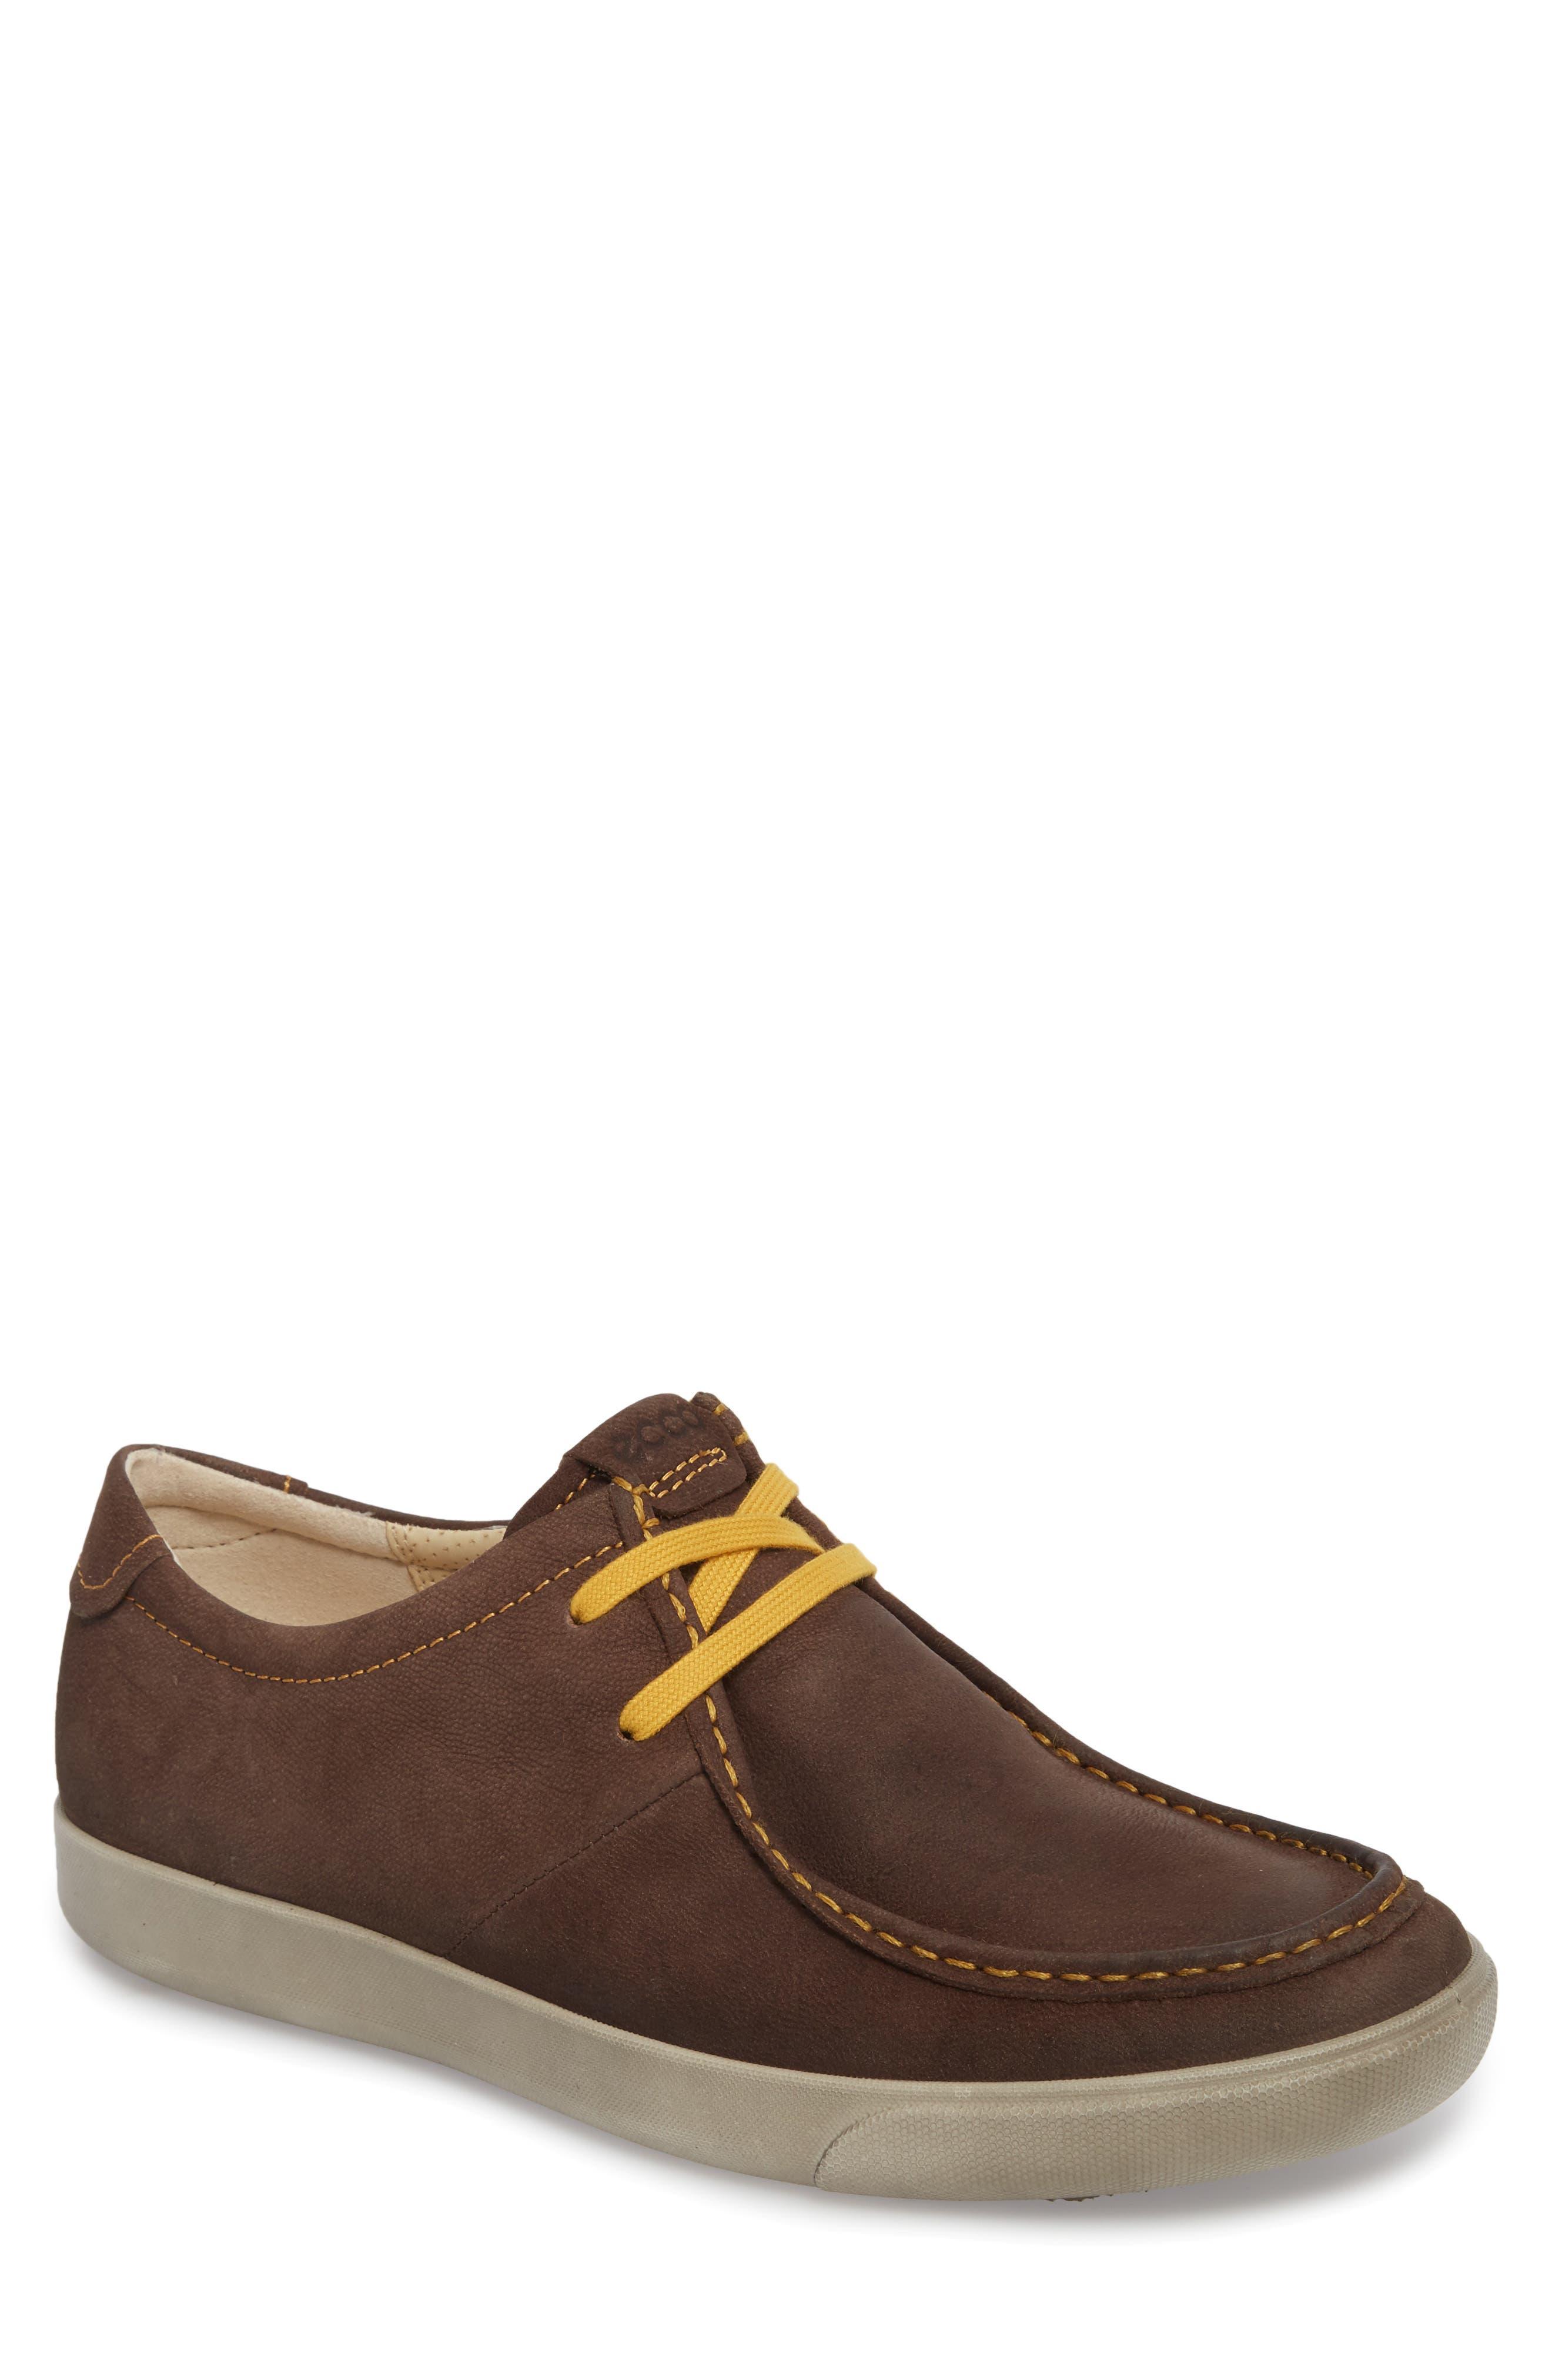 Gary Sneaker,                             Main thumbnail 1, color,                             Mocha Leather